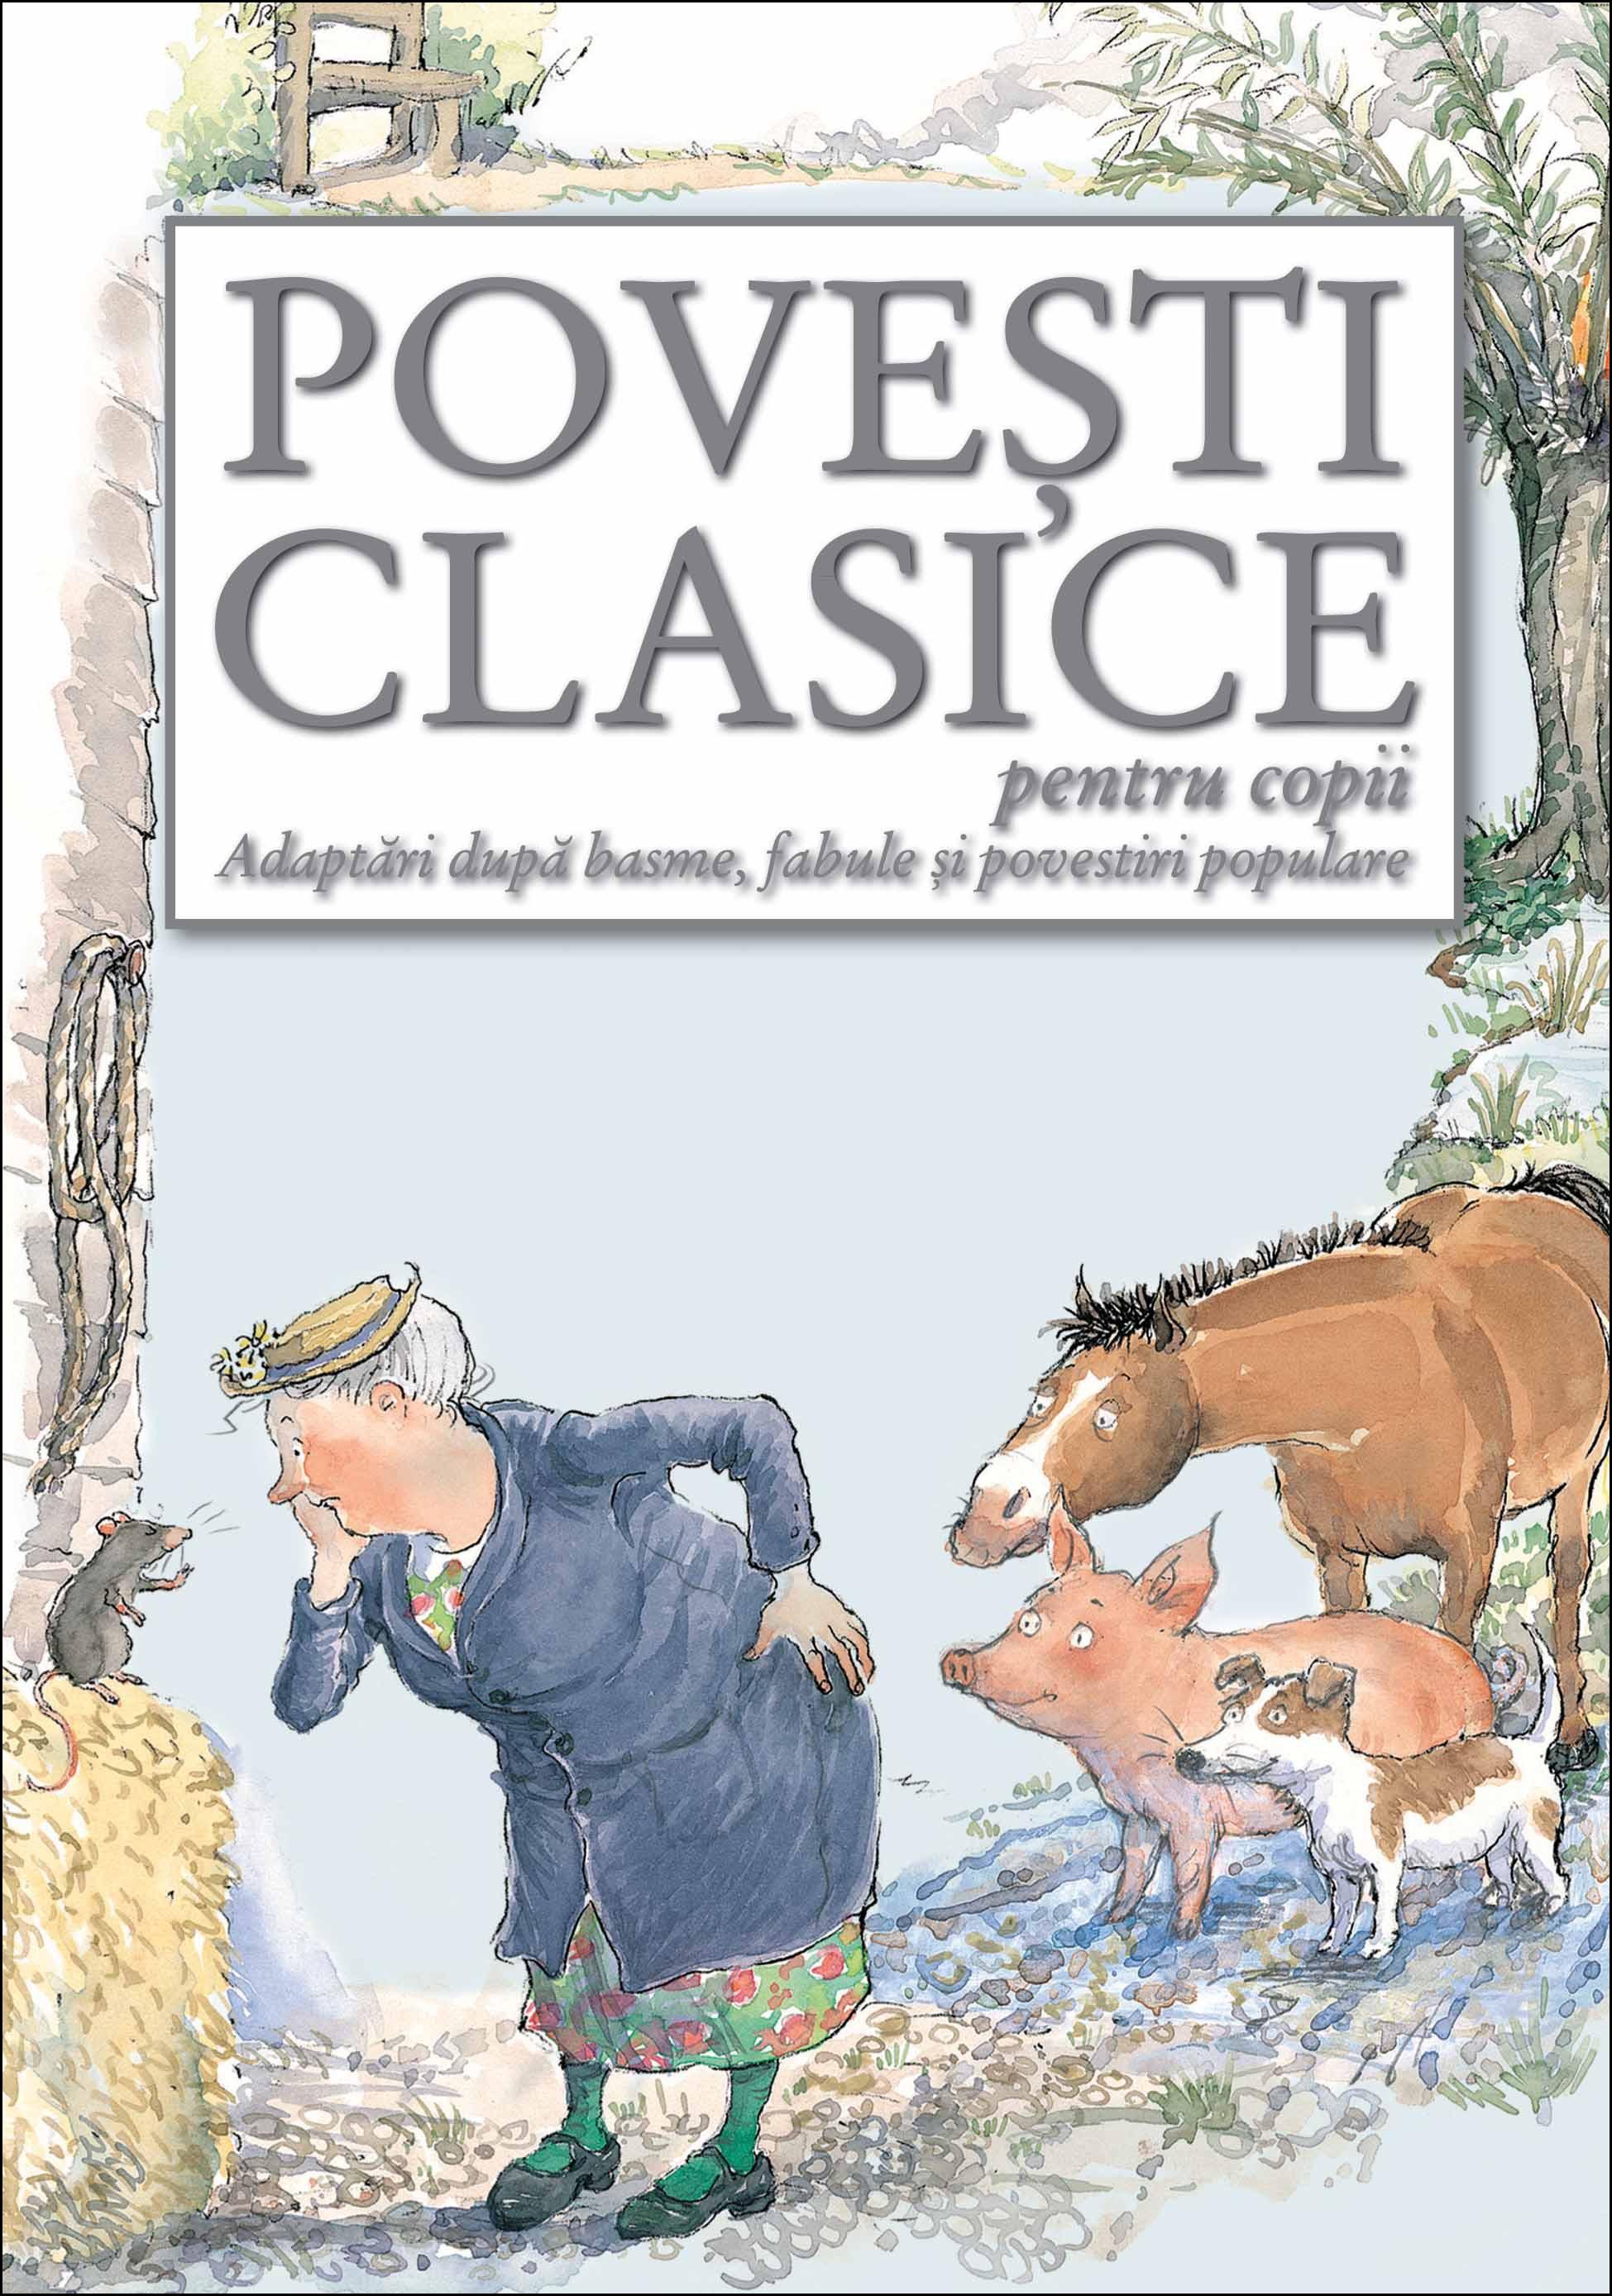 povesti-clasice-pentru-copii_coperta-1